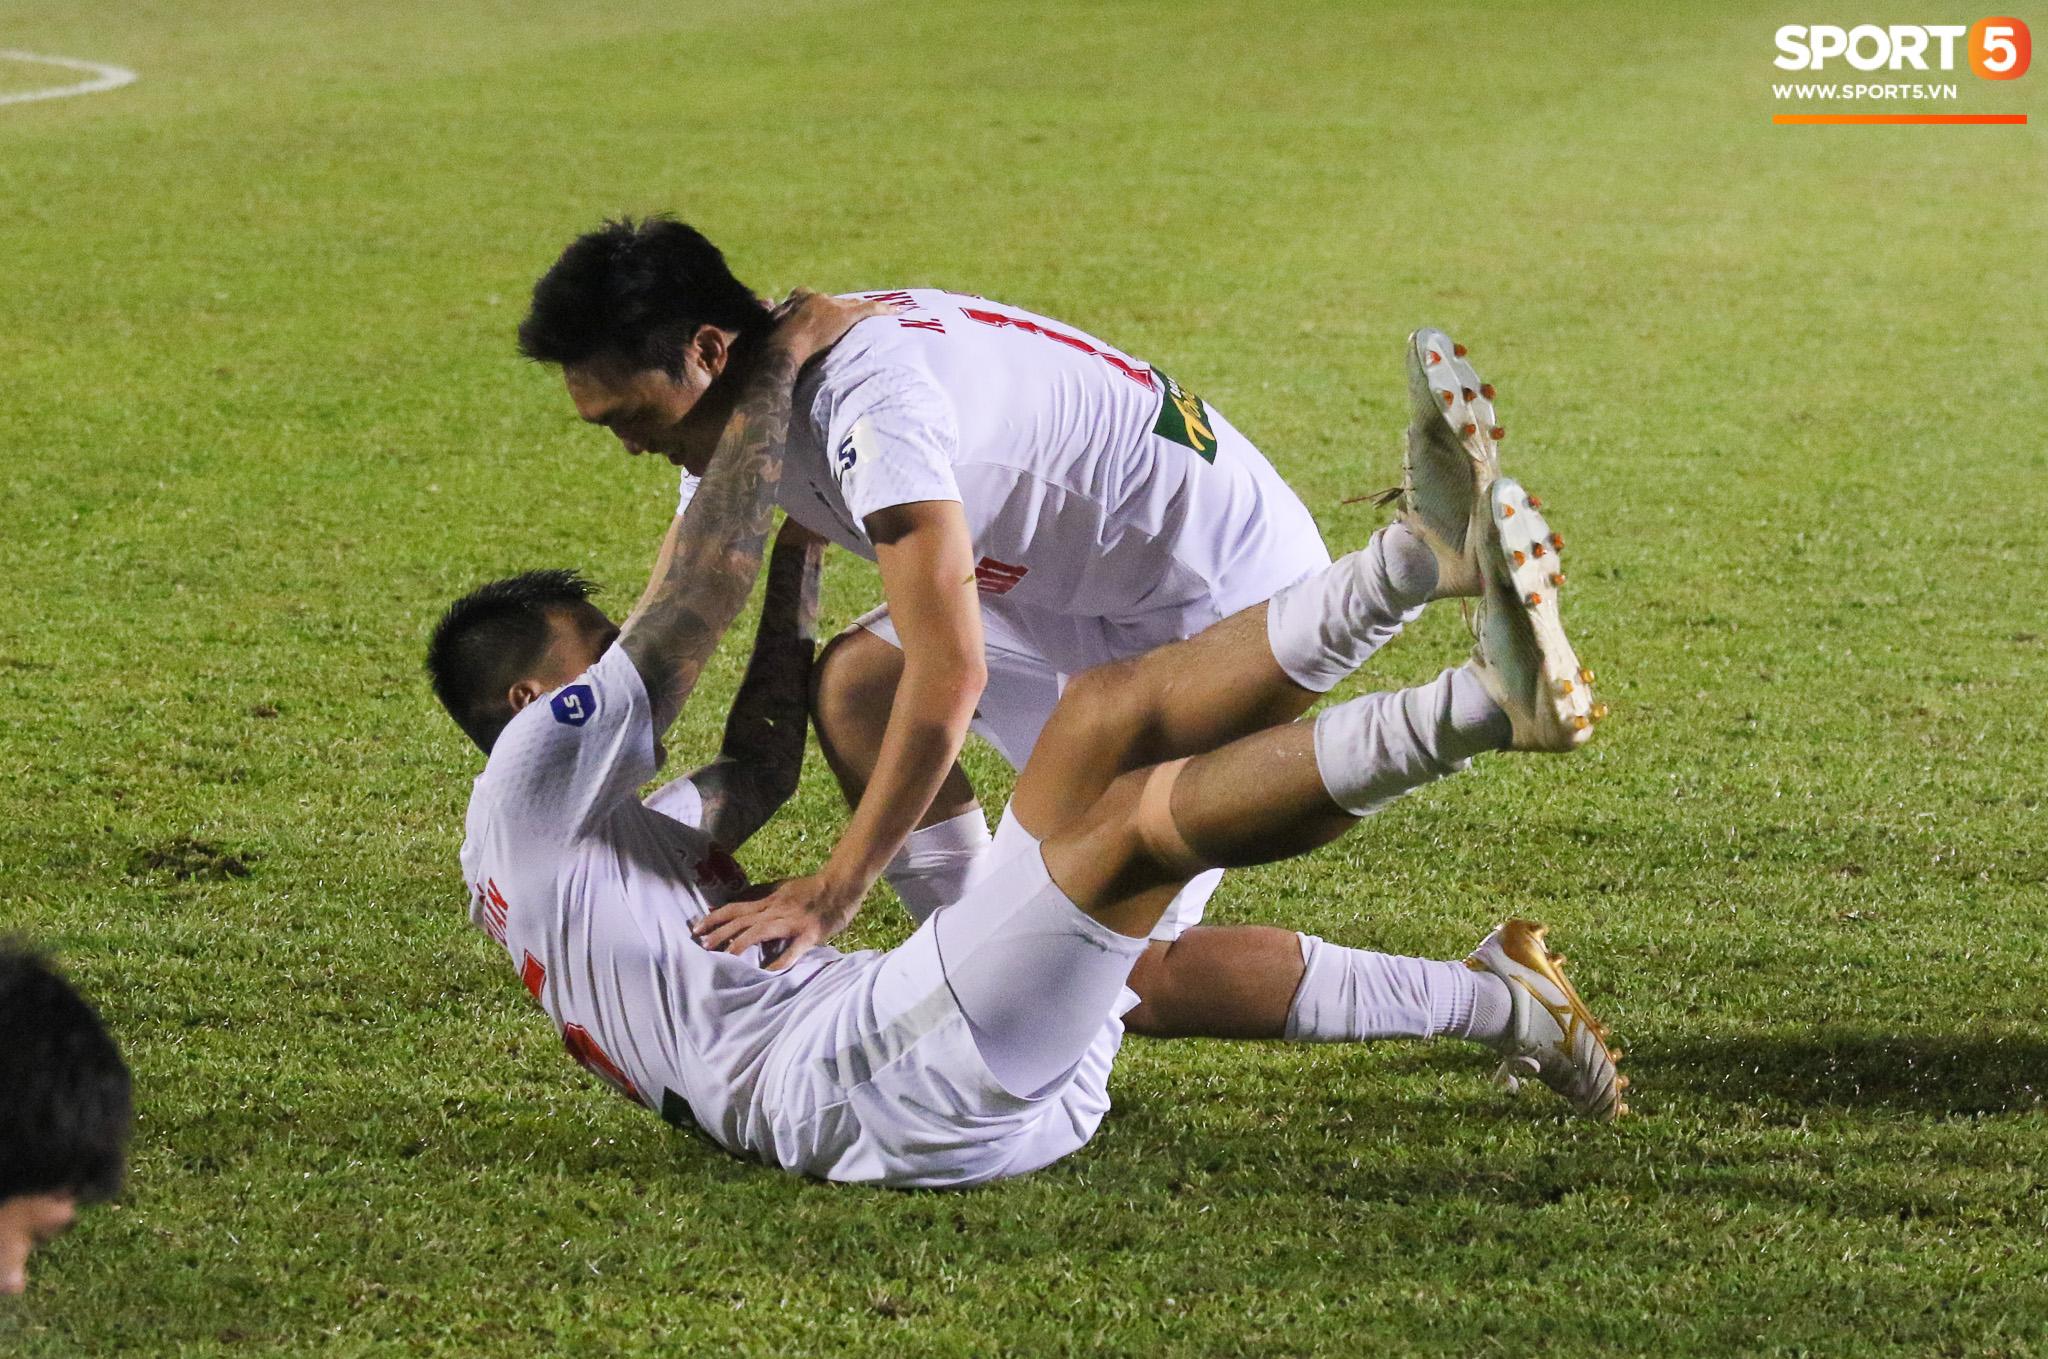 Nguyễn Tuấn Anh ăn mừng cực dị cùng Hữu Tuấn sau trận thắng Hà Nội FC - ảnh 4